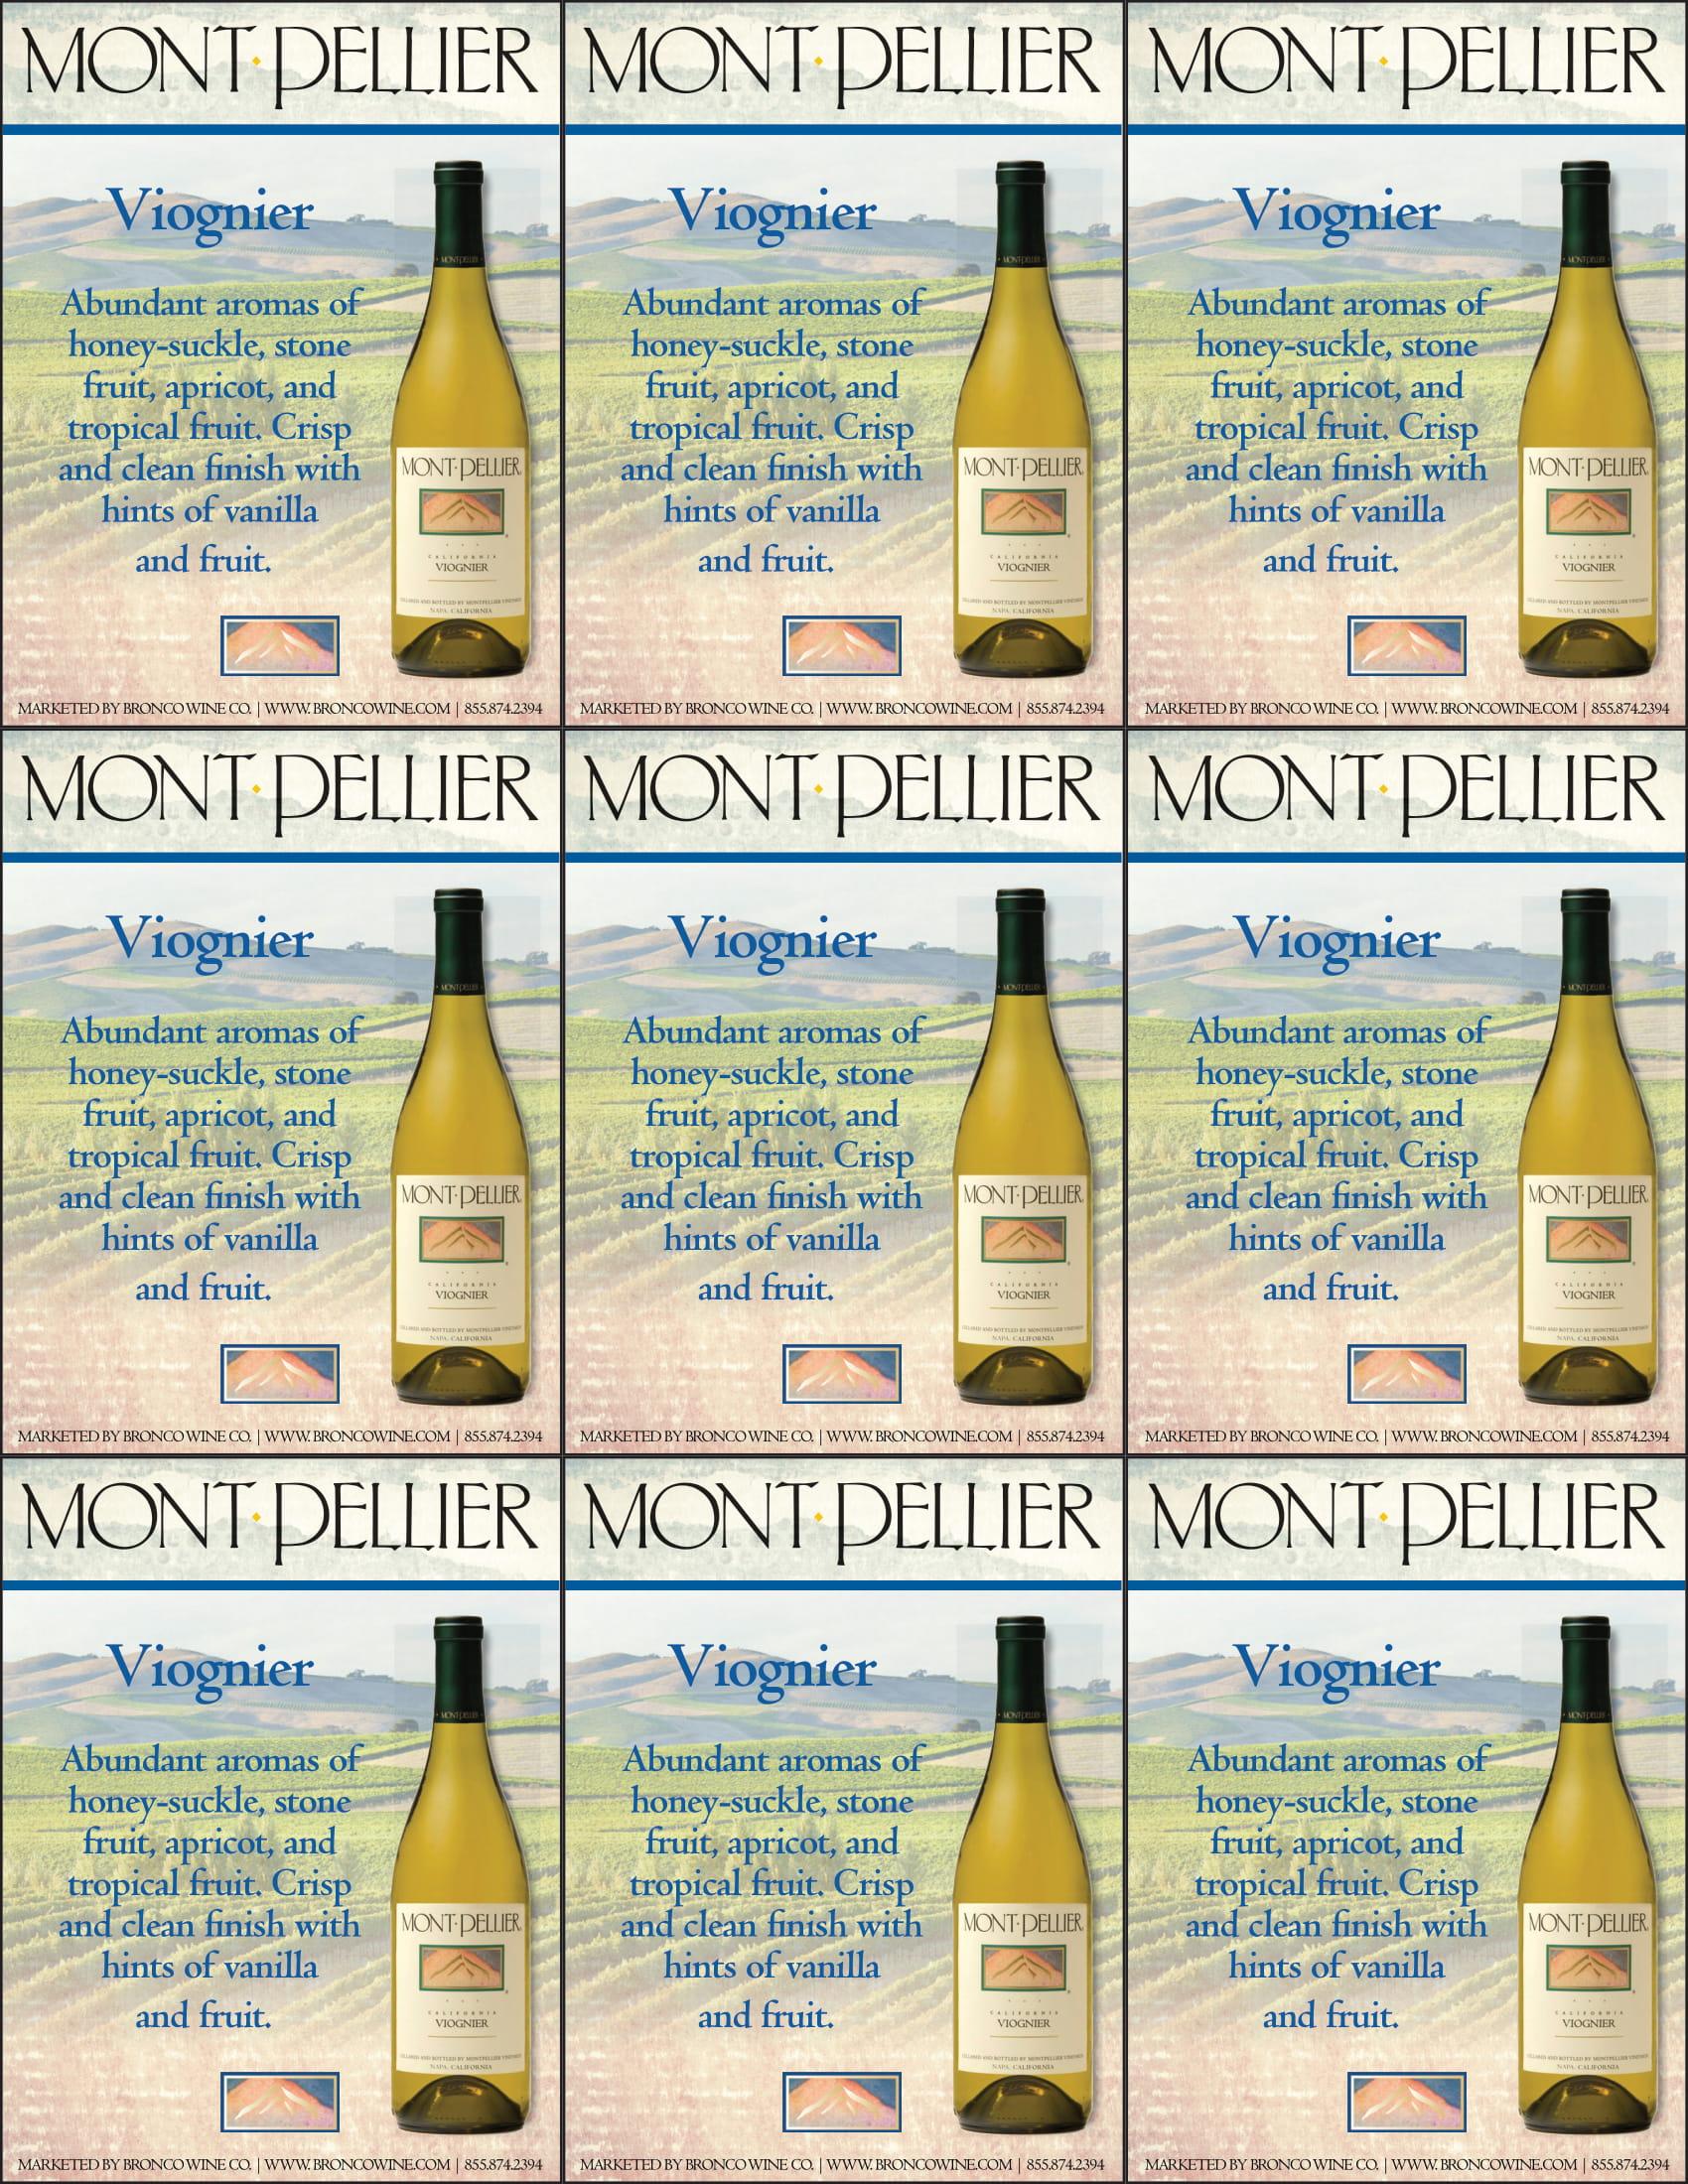 Montpellier Viognier Shelf Talker